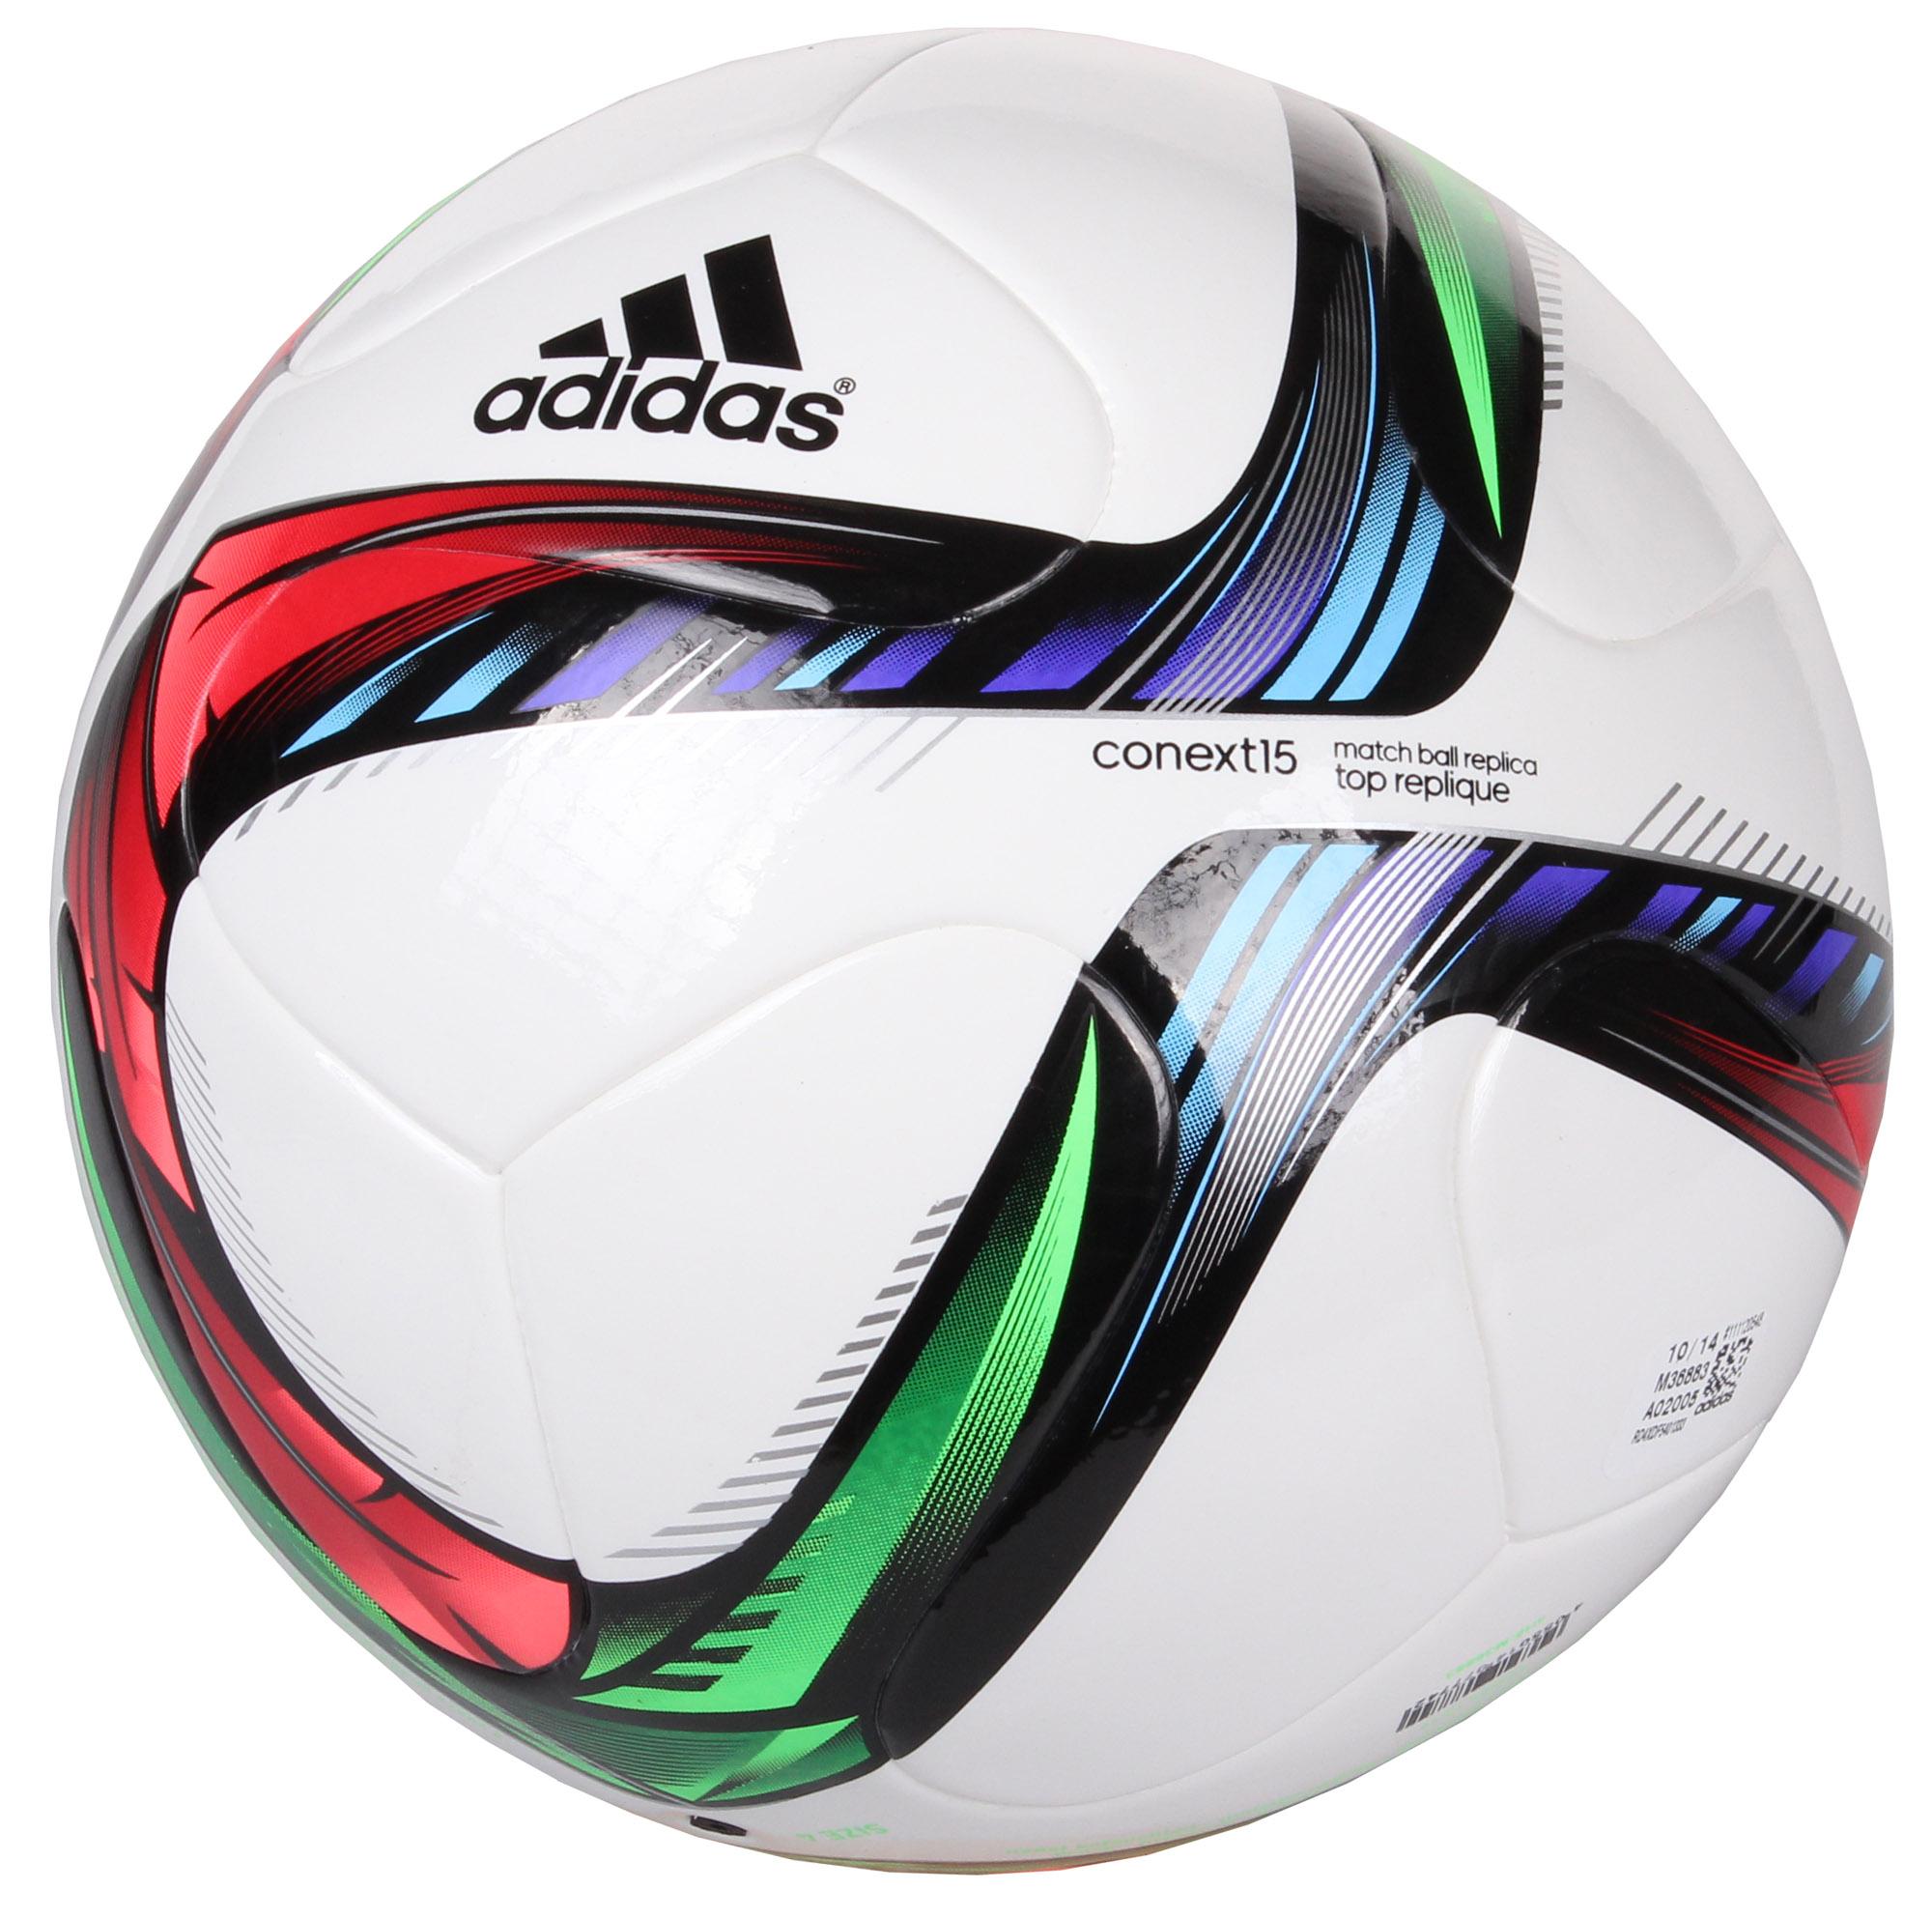 ADIDAS Conext15 Top Replique fotbalový míč 4